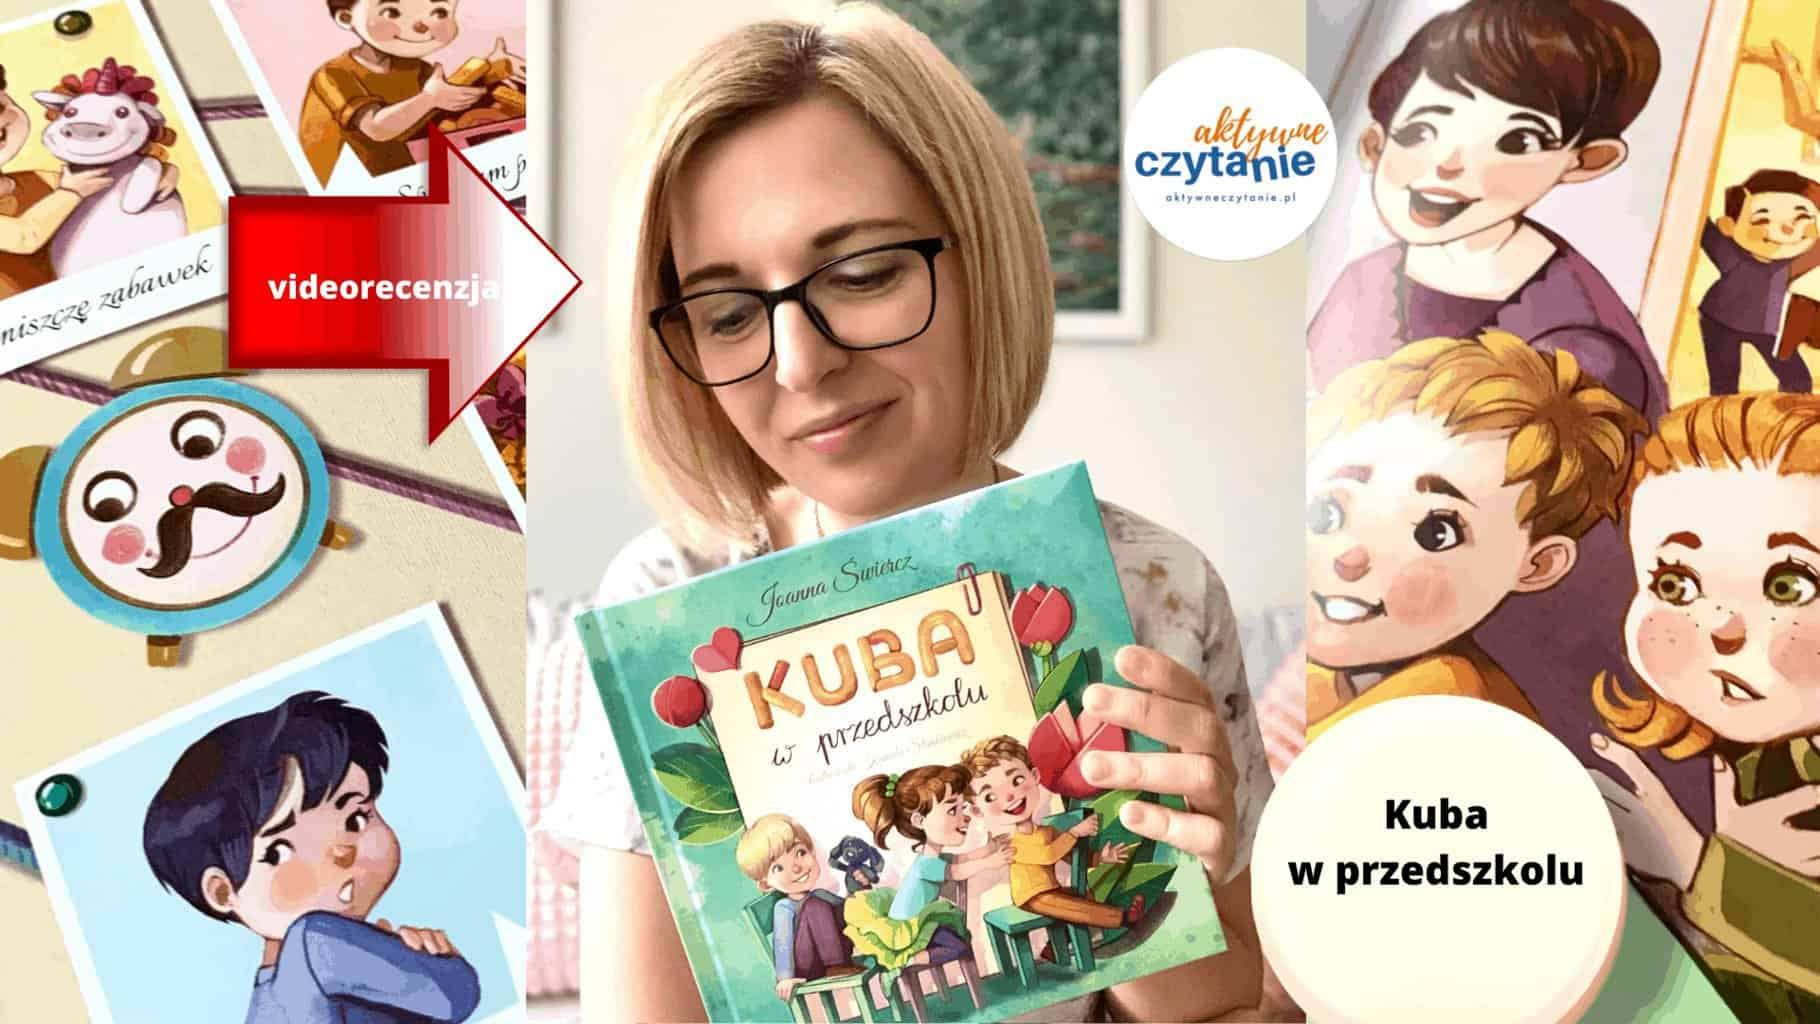 kuba wprzedszkolu recenzja ksiazki dla dzieci 3-4-5 lat111